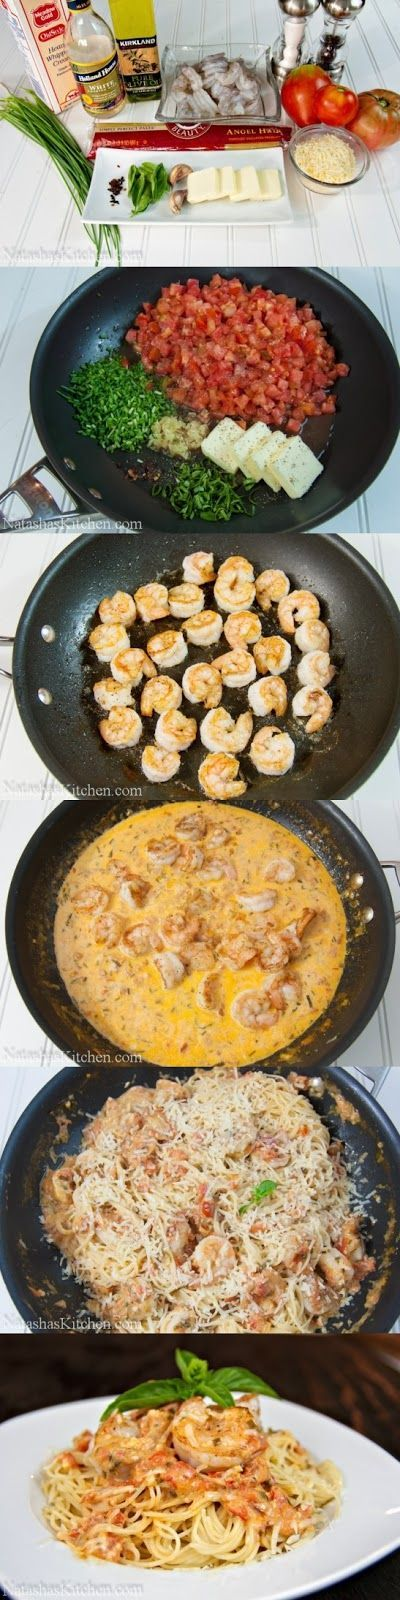 Recipe for Spaghetti & Shrimp in Creamy Tomato Sauce